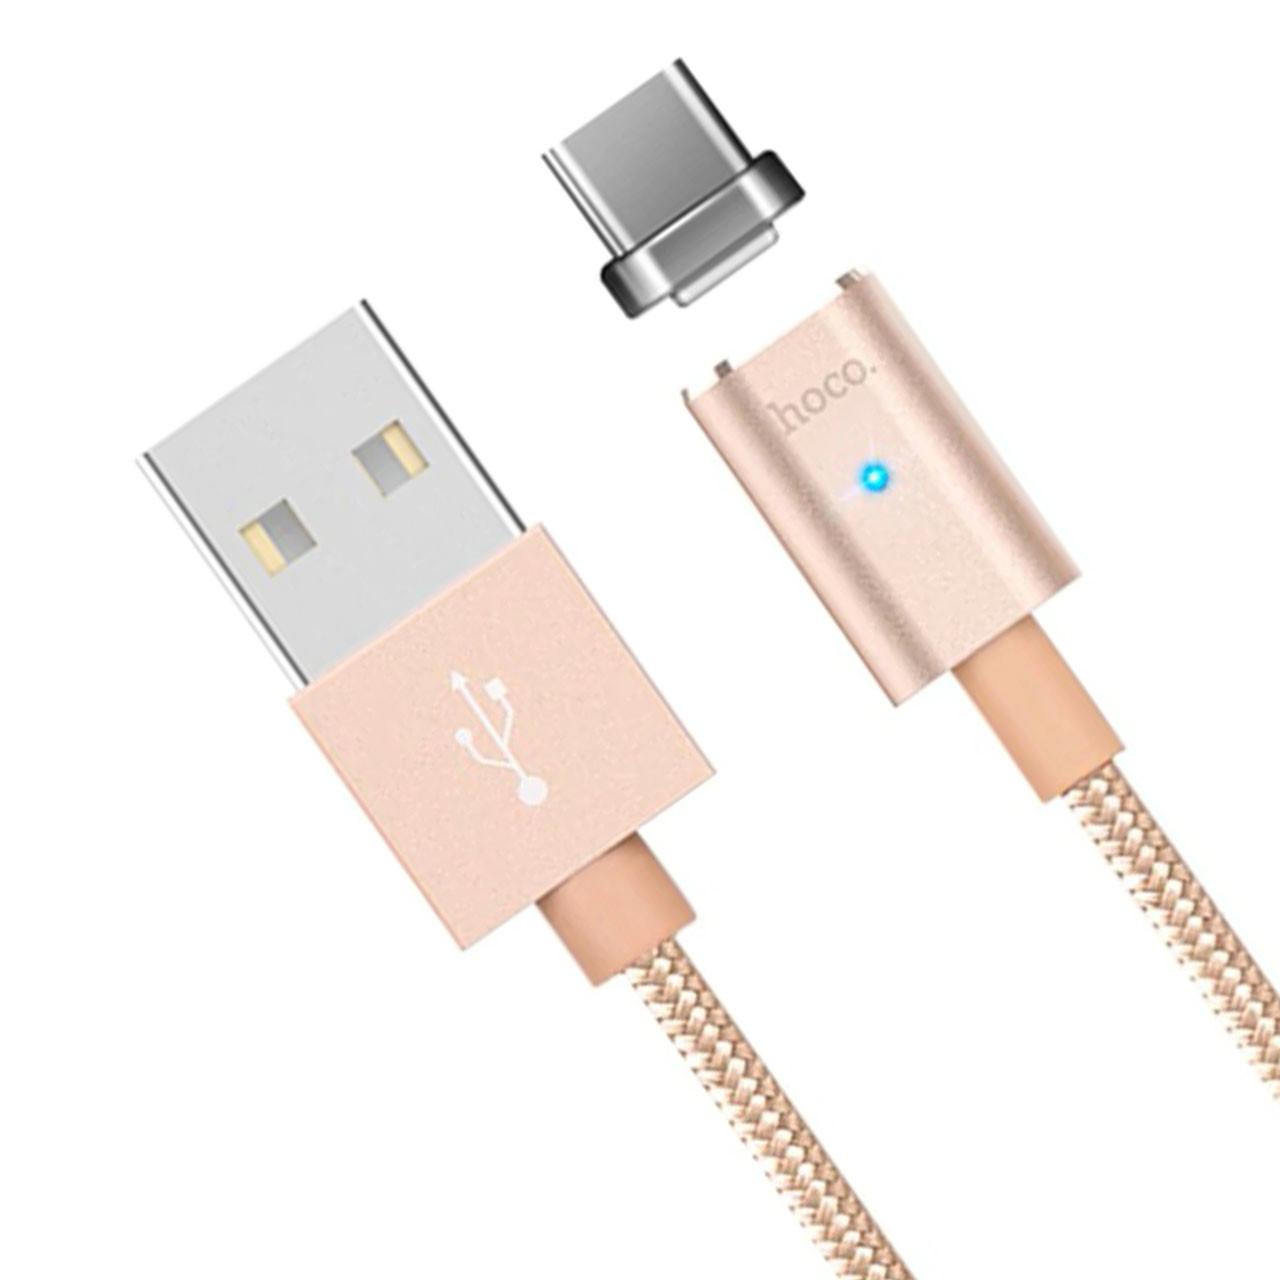 Кабель Hoco U16 USB-Micro USB магнитный коннектор Gold (3014-9673)